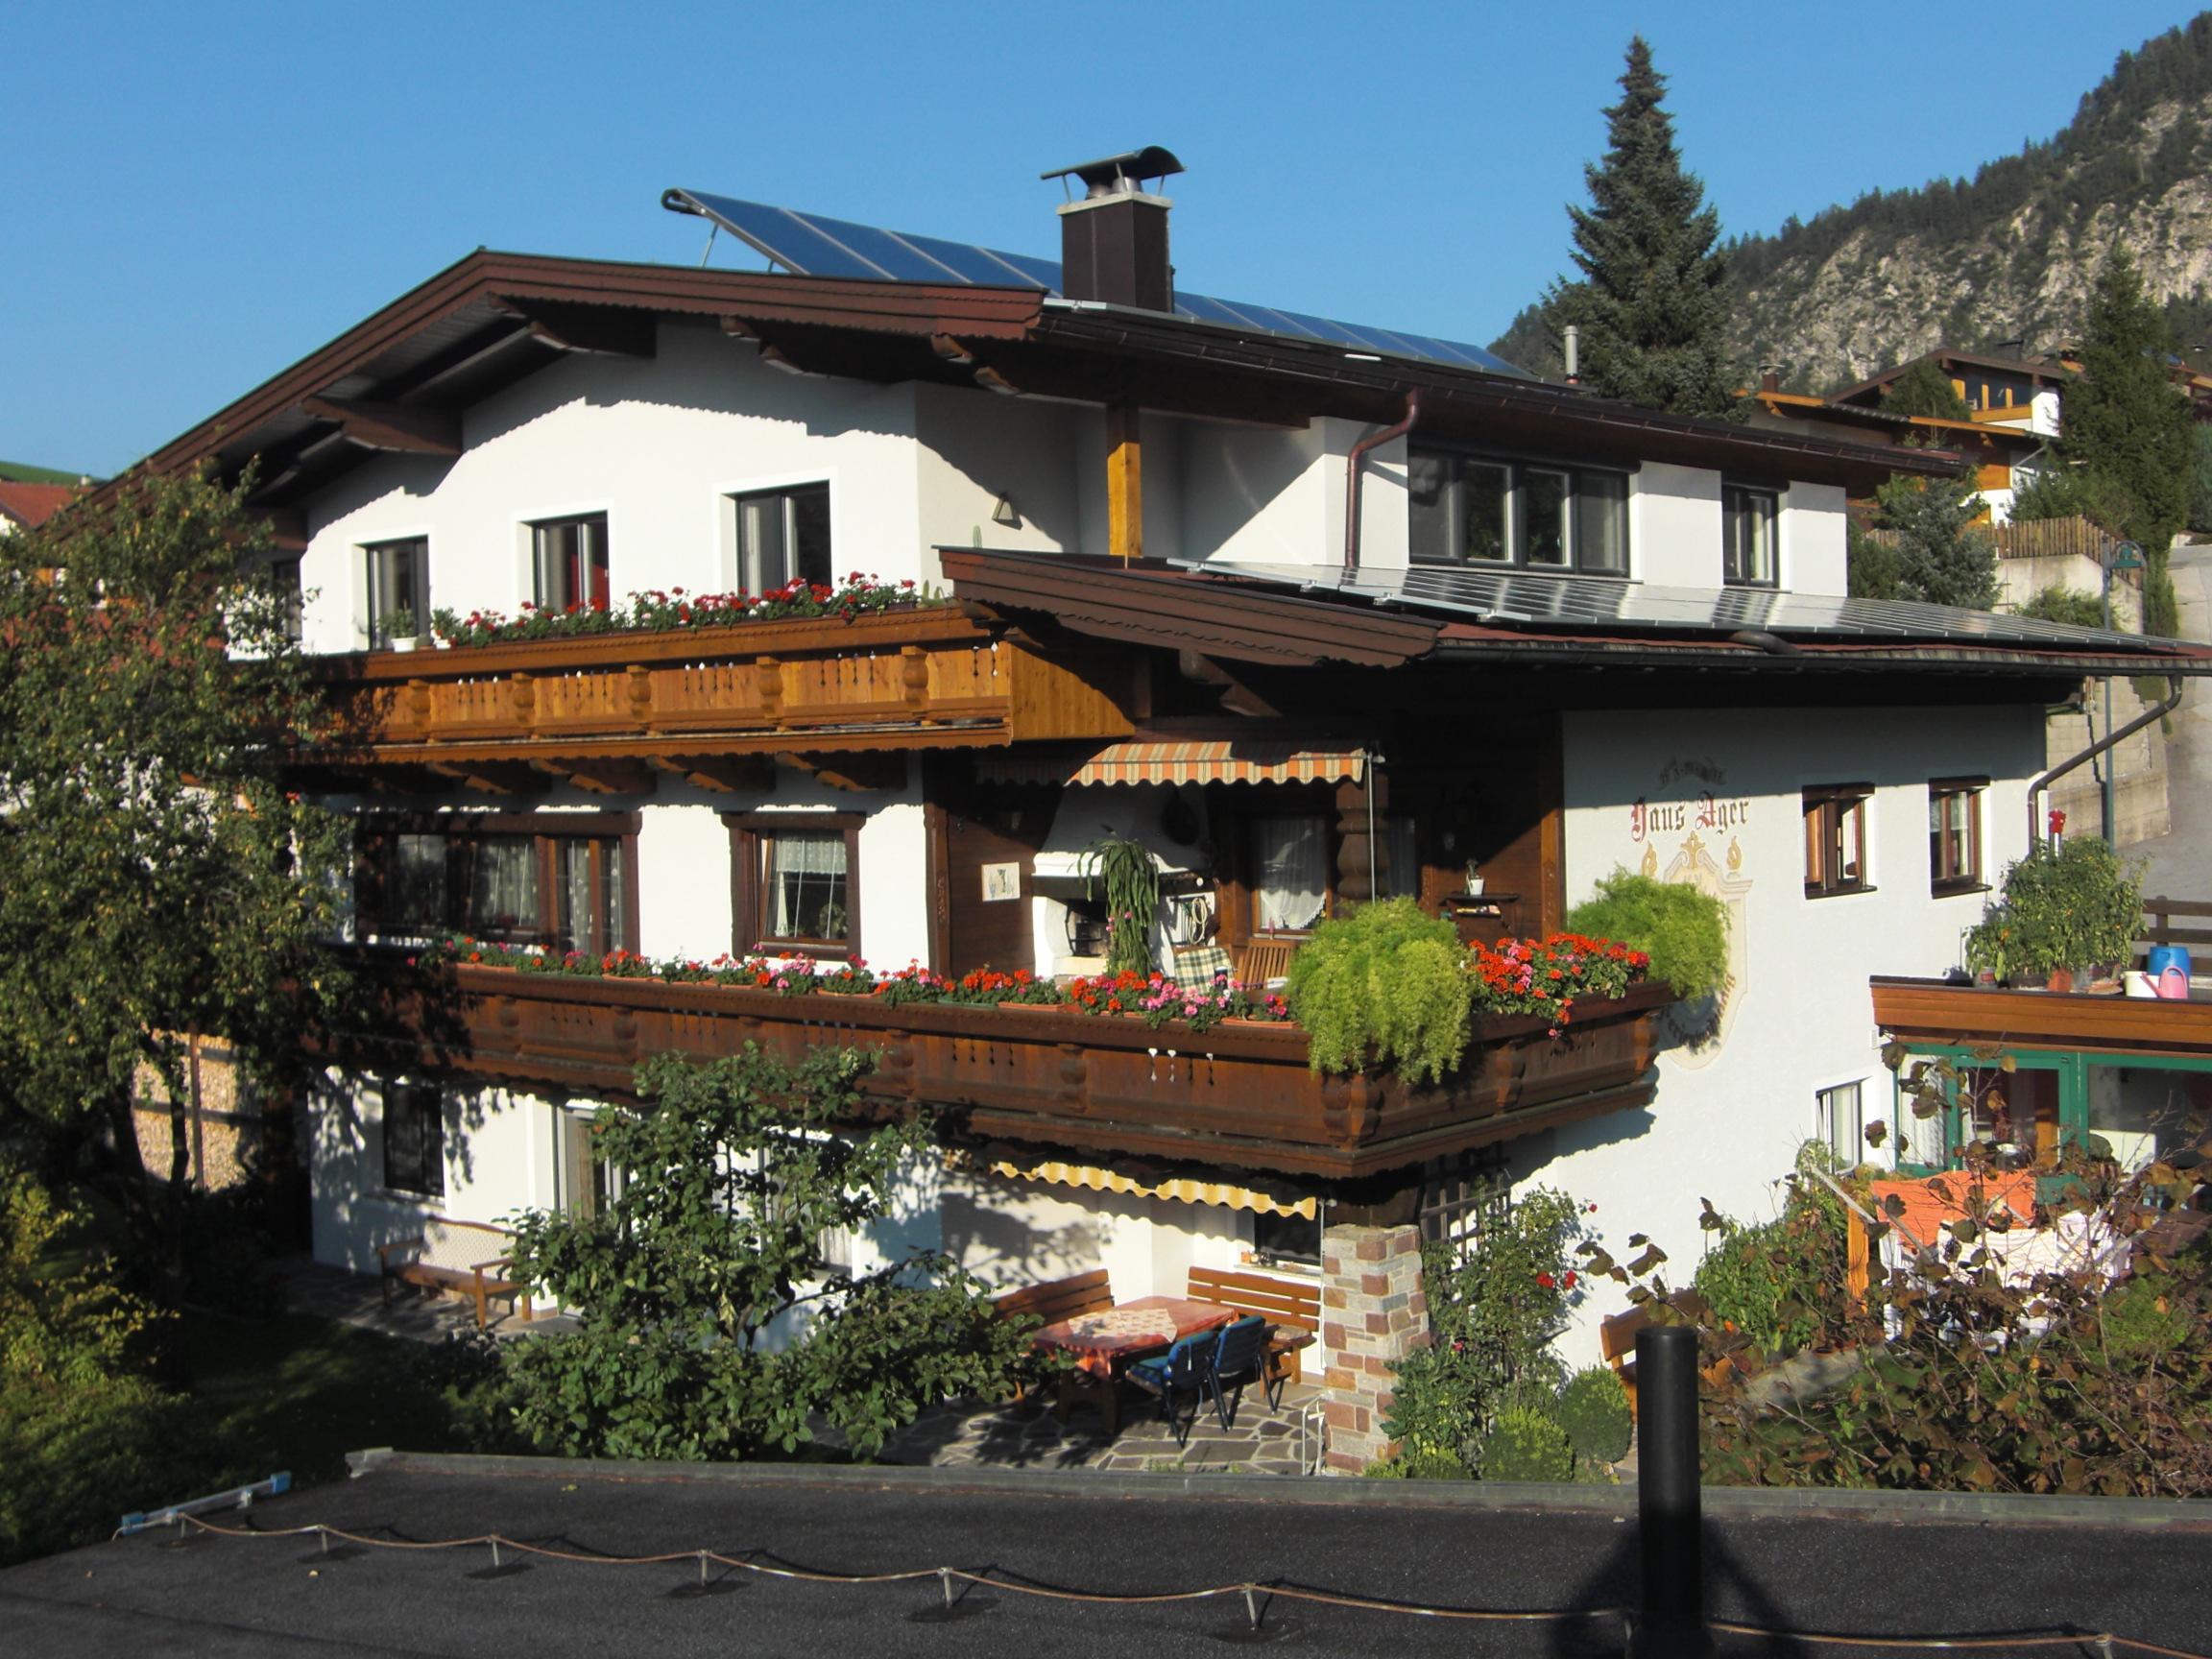 Ferienwohnung Ager am See Tirol